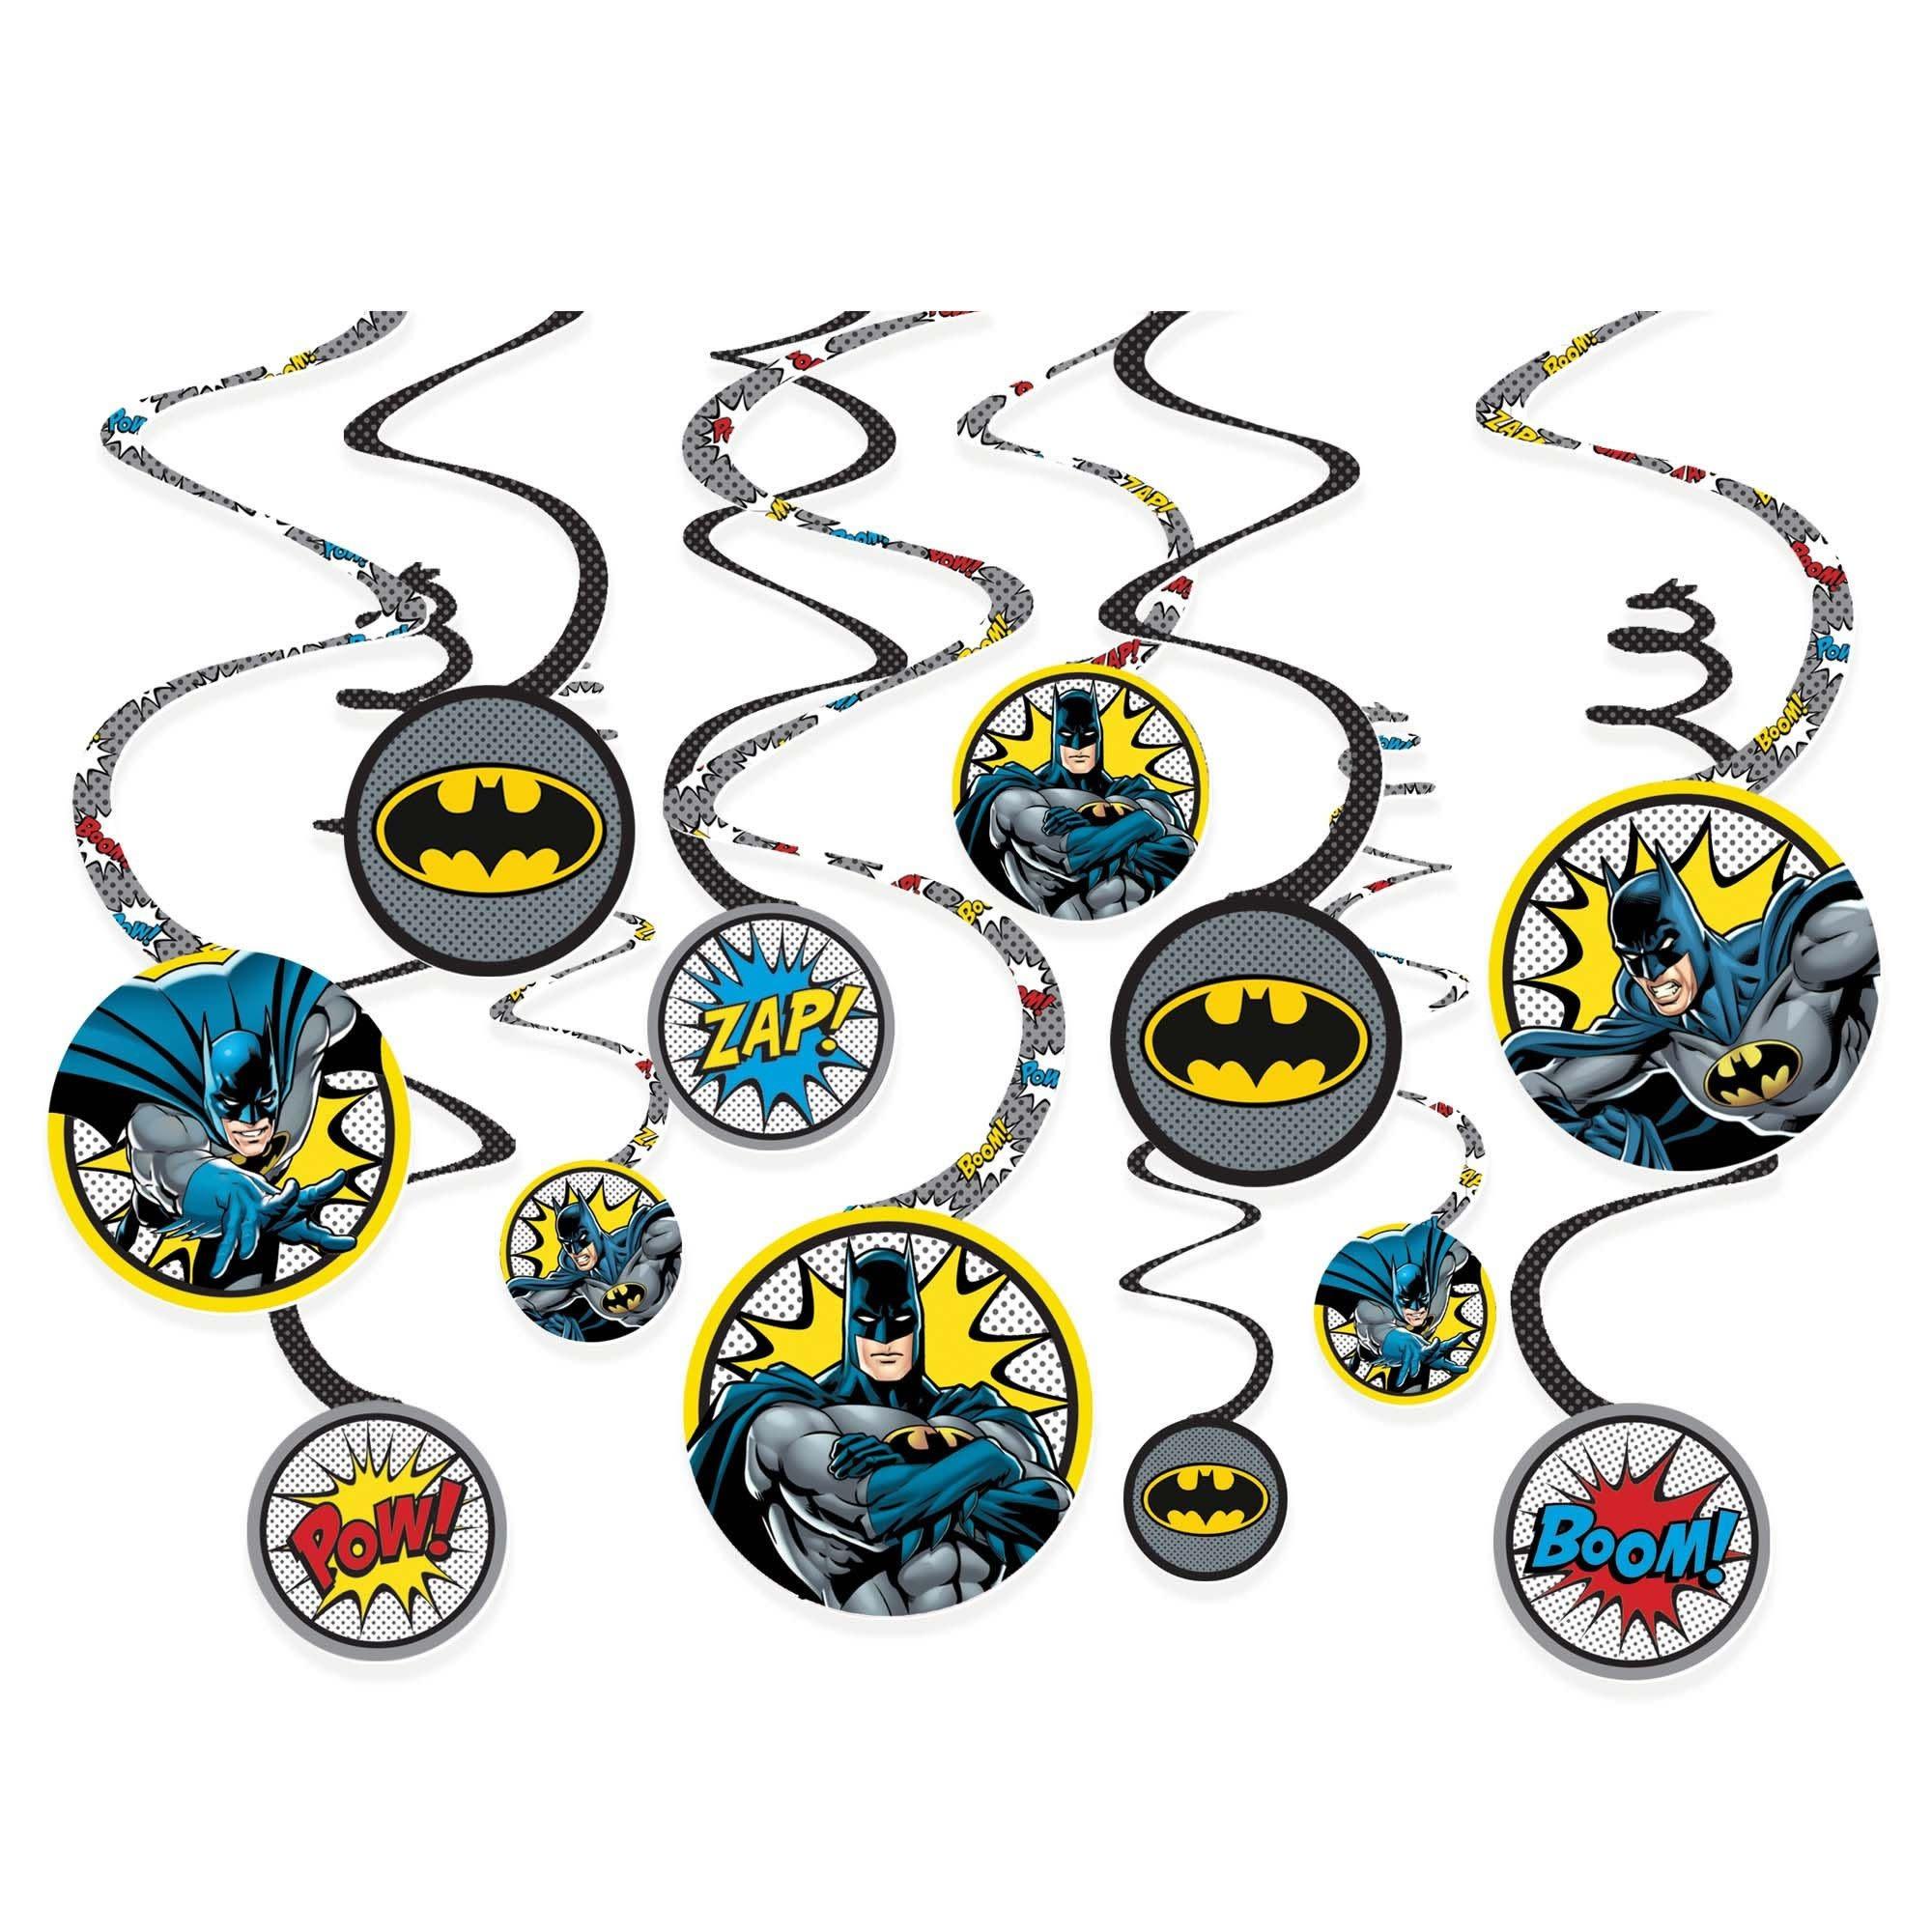 Batman™ Heroes Unite Spiral Decorations